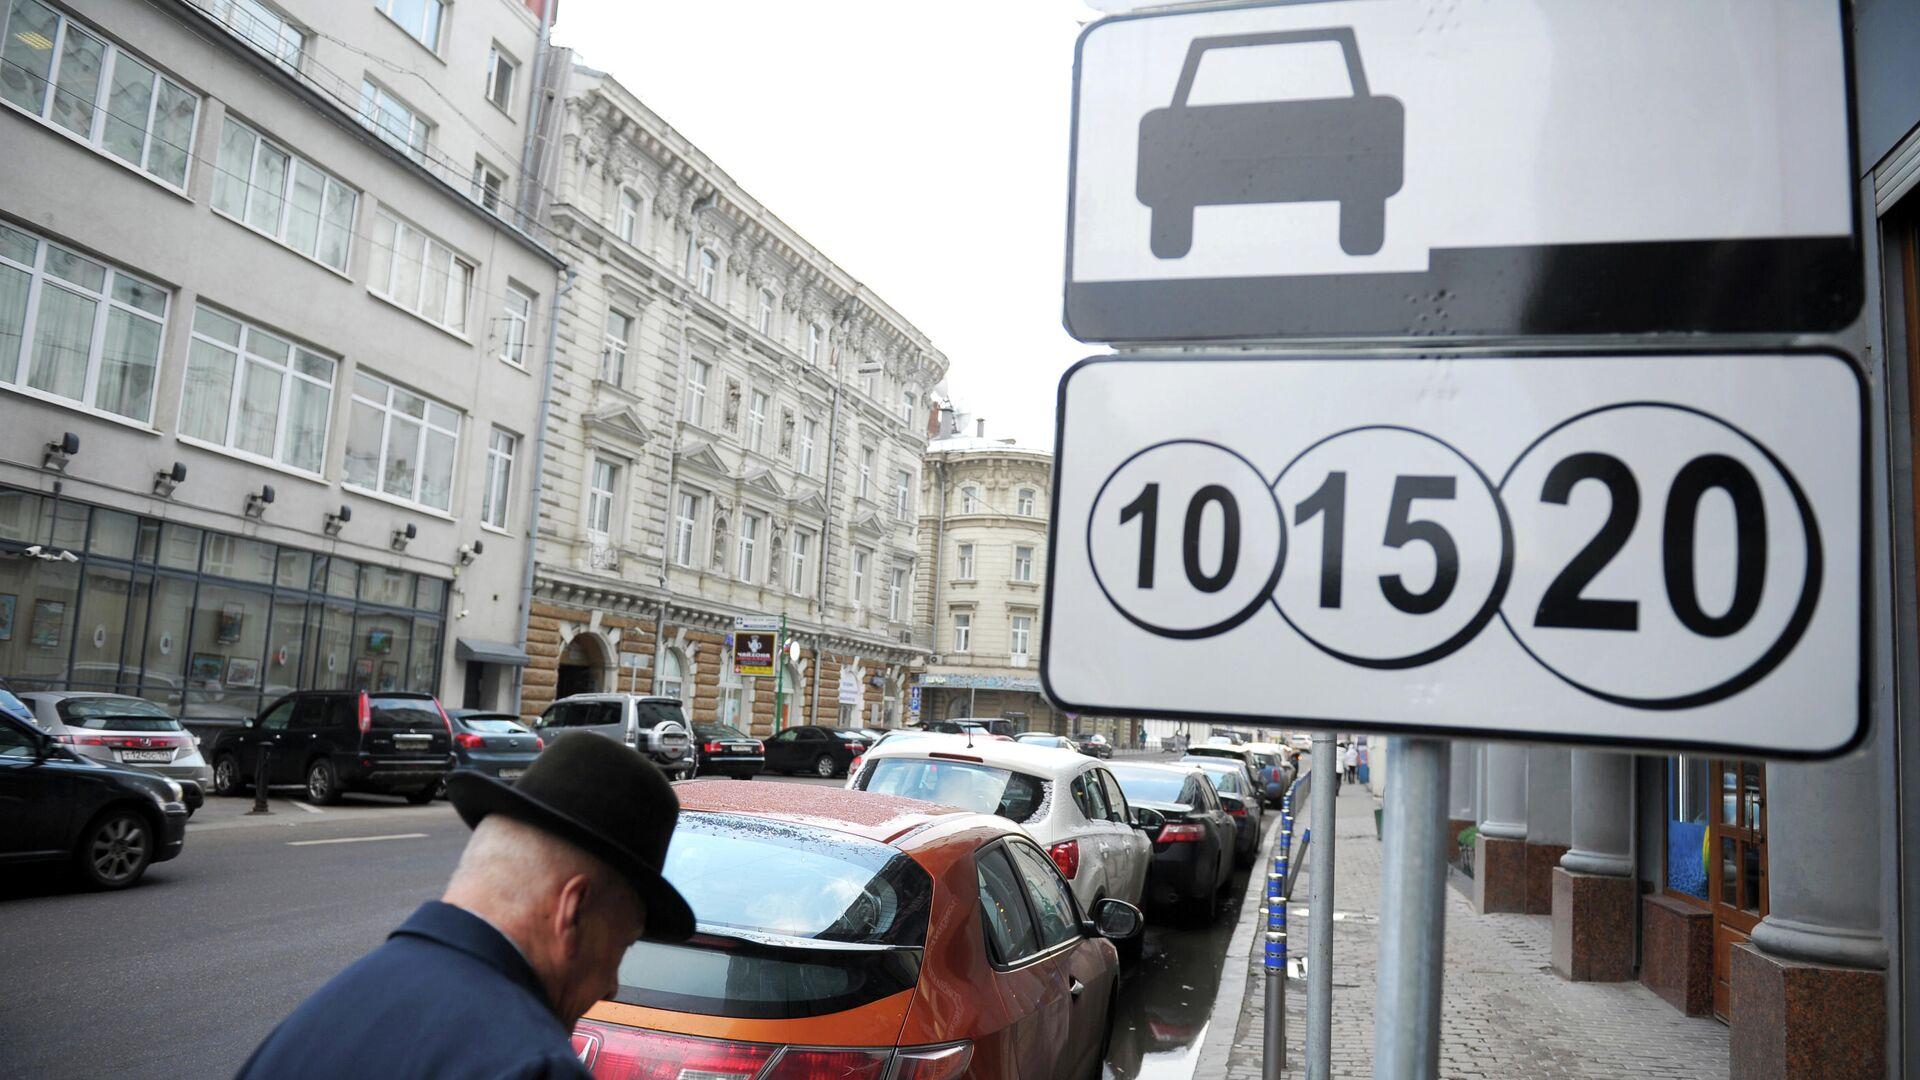 Парковка в центре Москвы - РИА Новости, 1920, 11.06.2021